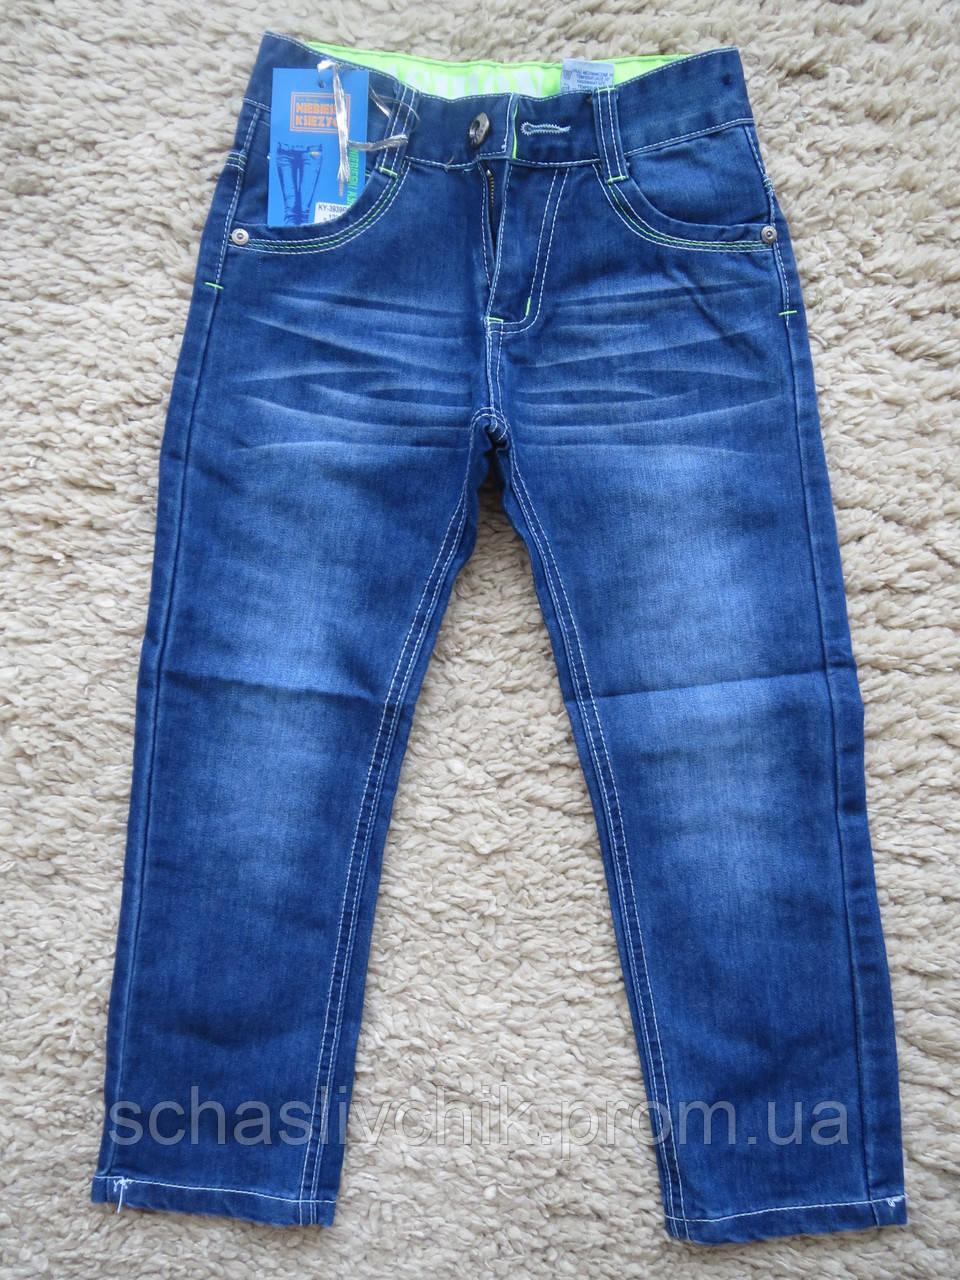 Джинсовые брюки для мальчиков оптом, Niebieski 7-12